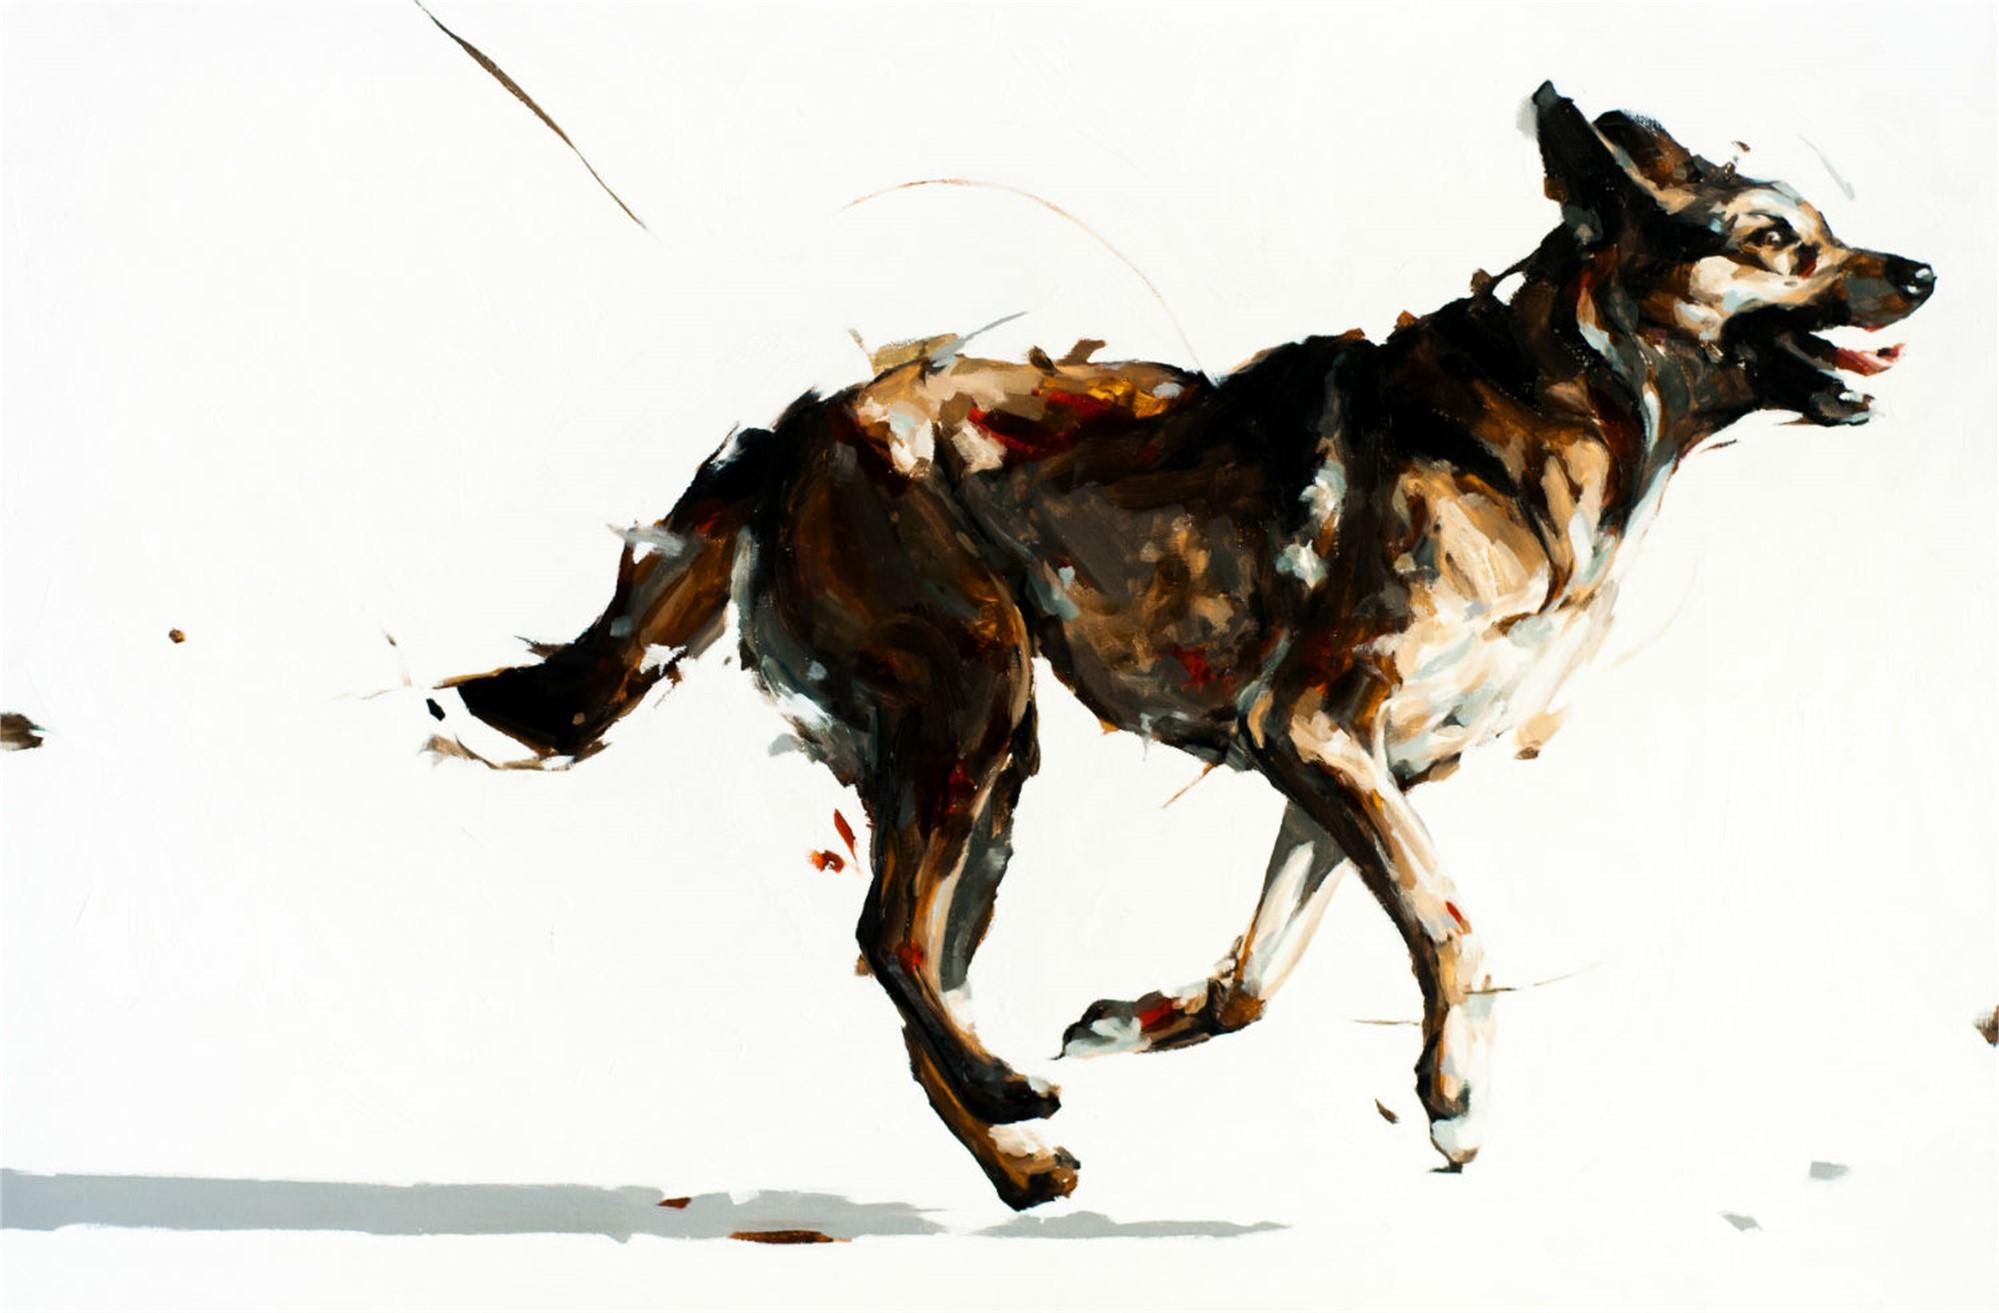 Naya 2 by Thibault Jandot